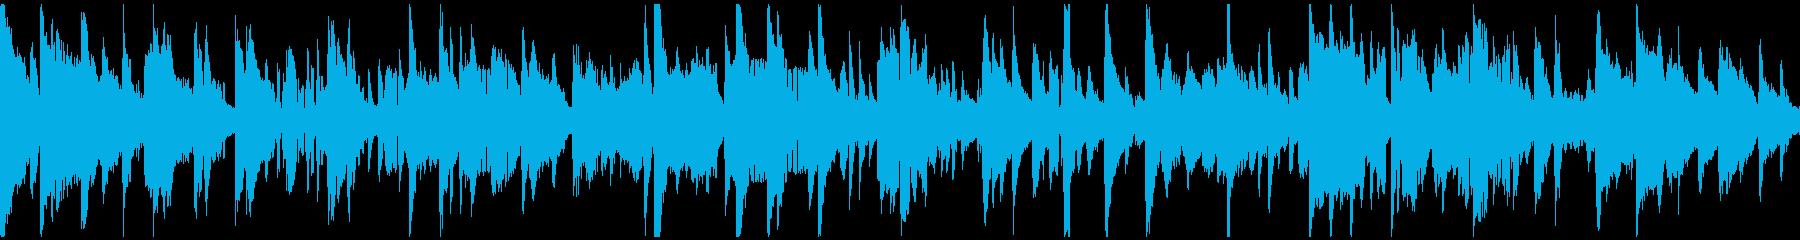 お下品なエロいサックス ※ループ仕様版の再生済みの波形